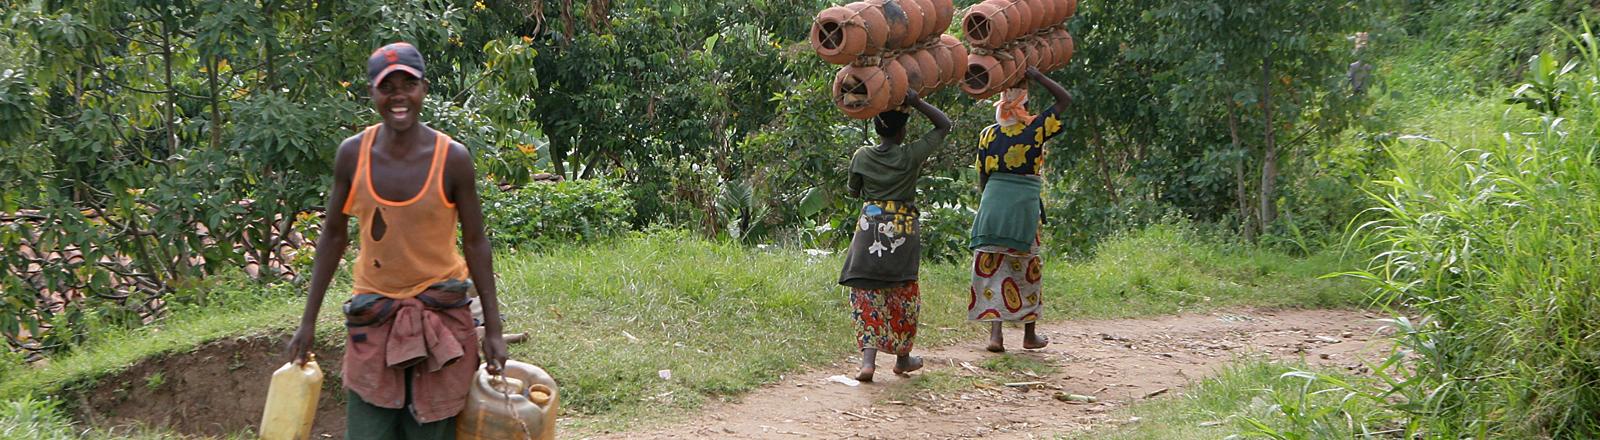 Ein junger ruandischer Mann transportiert mit Wasser gefüllte Plastikkanister, im Hintergrund sind zwei Frauen mit Tonkrügen zur Wasserstelle unterwegs, aufgenommen nahe Kigali am 02.11.2006.